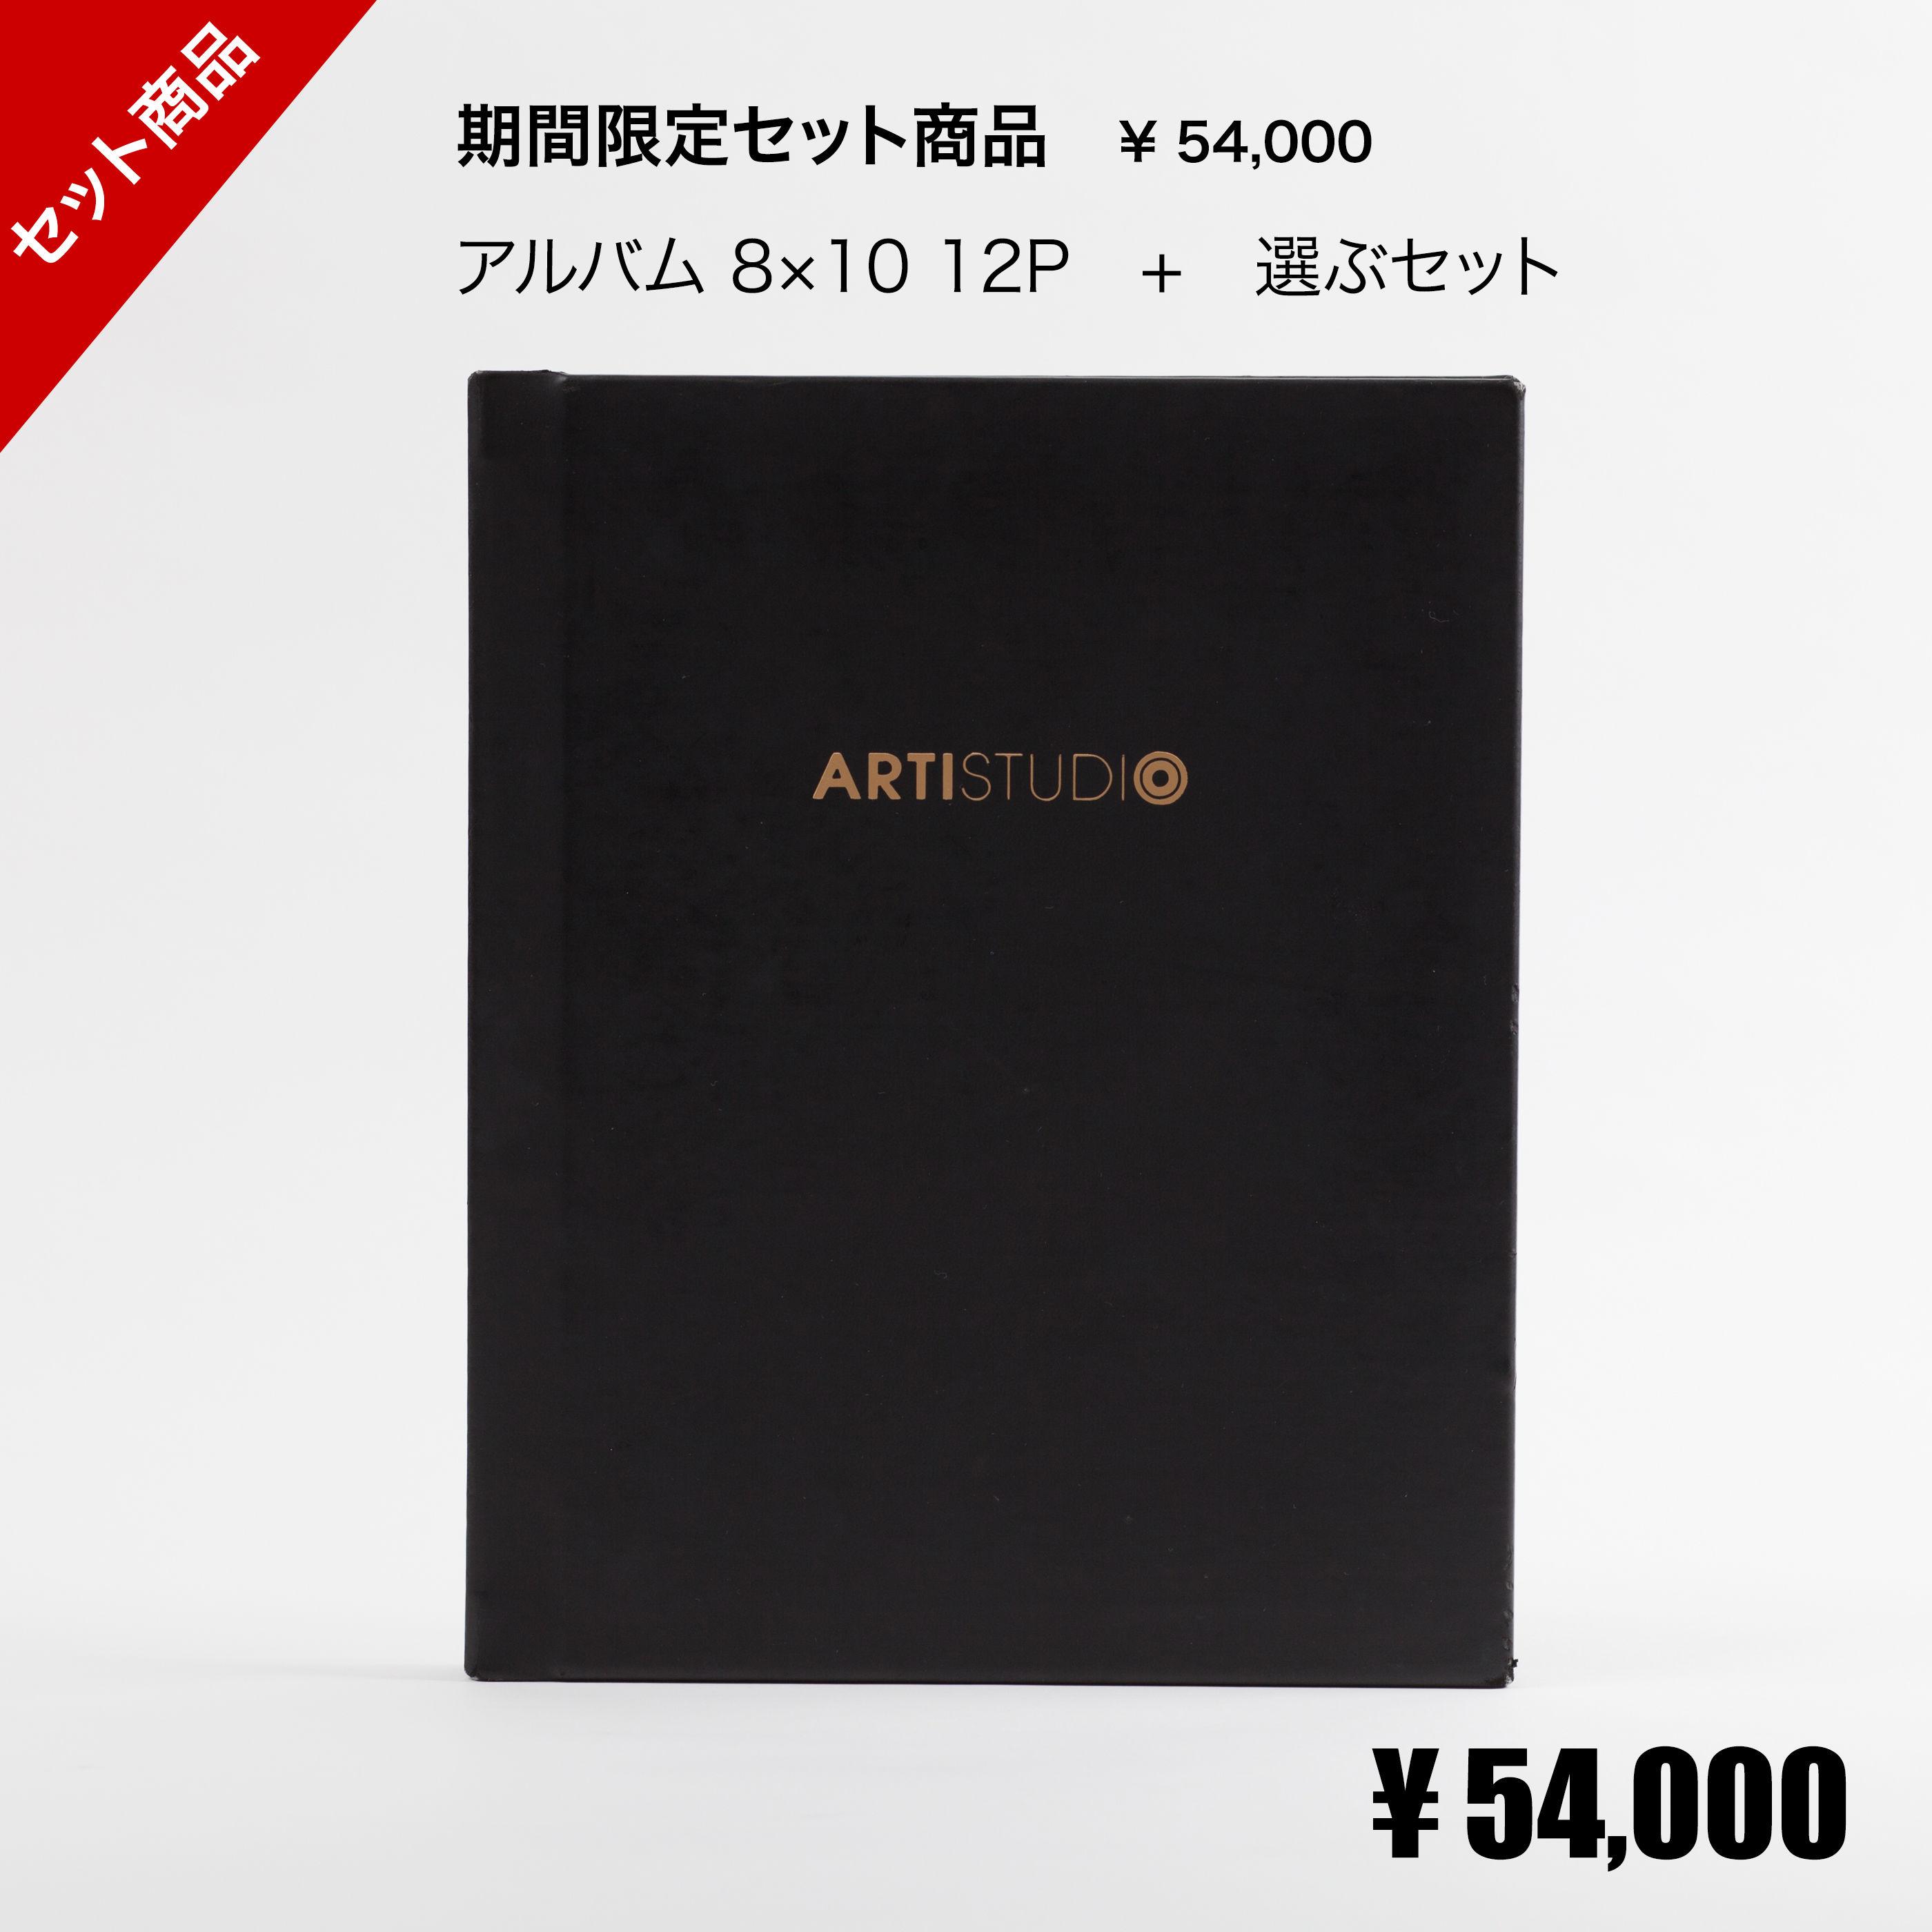 期間限定 10月11月12月 お得なセット商品  アルバム 8×10 12P+